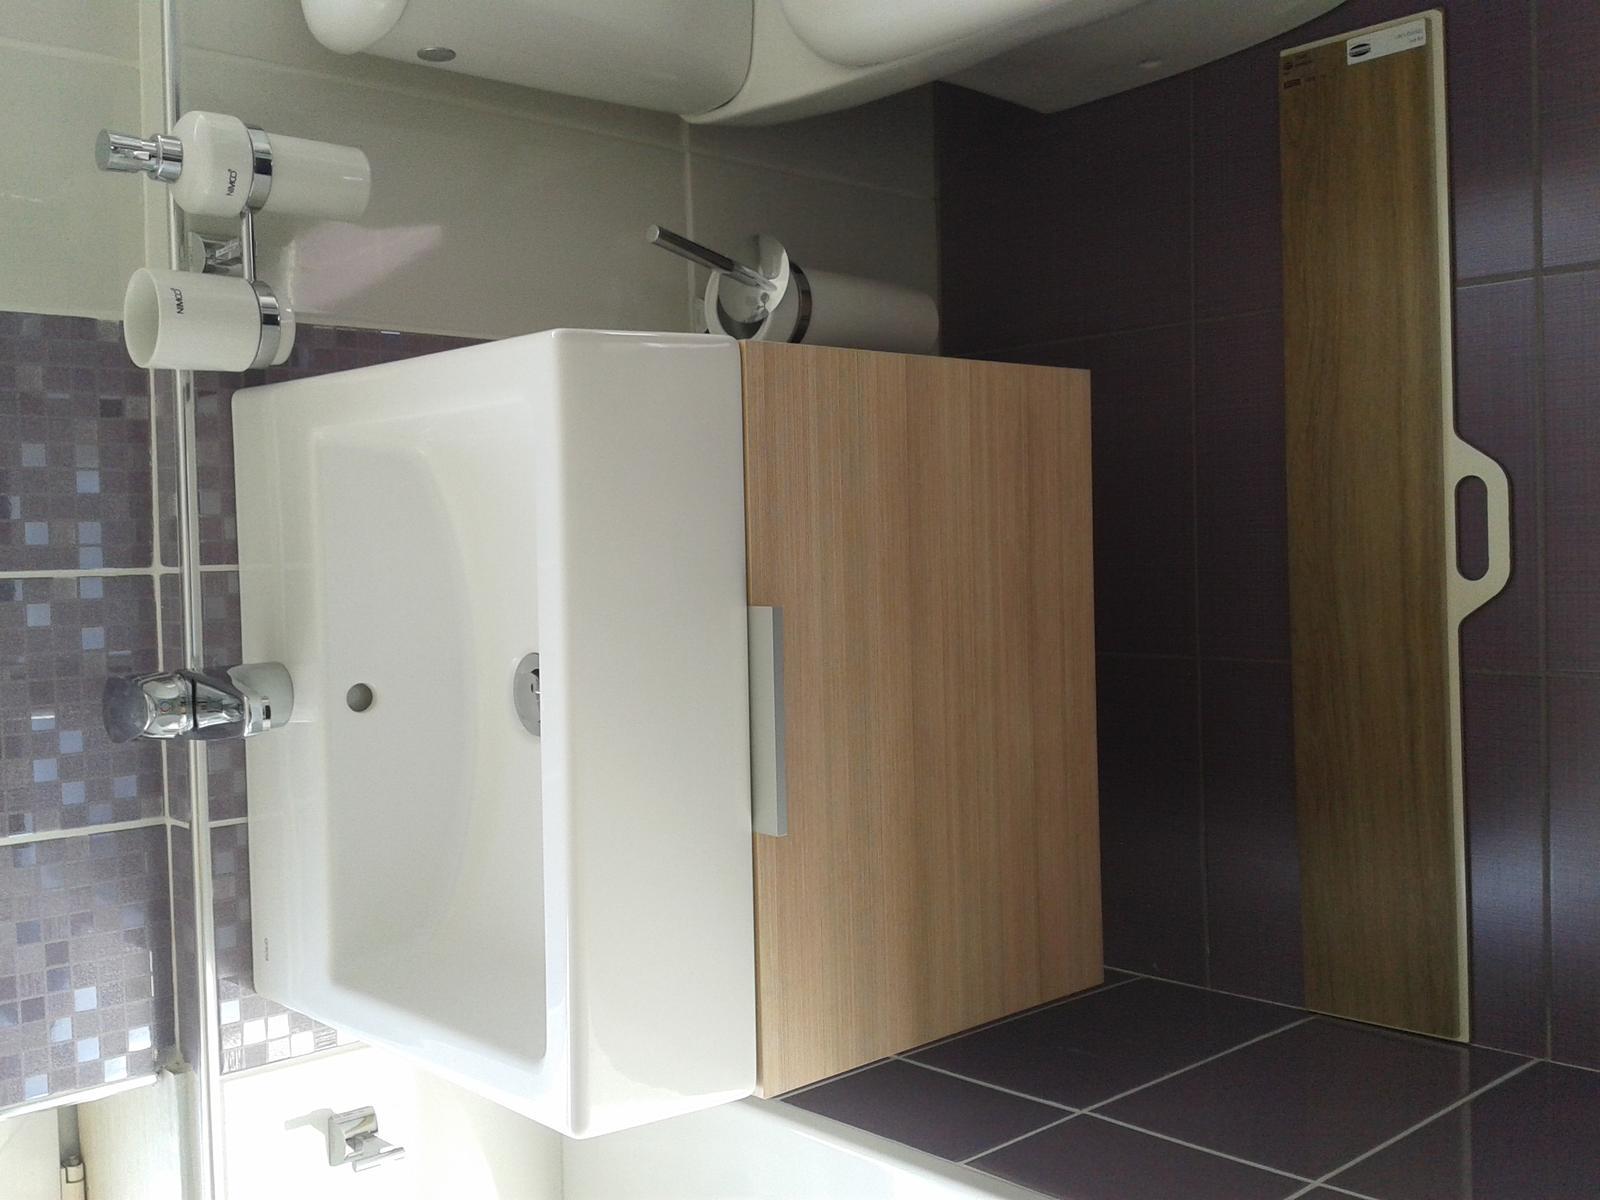 Mala panelakova koupelna - Obrázek č. 28